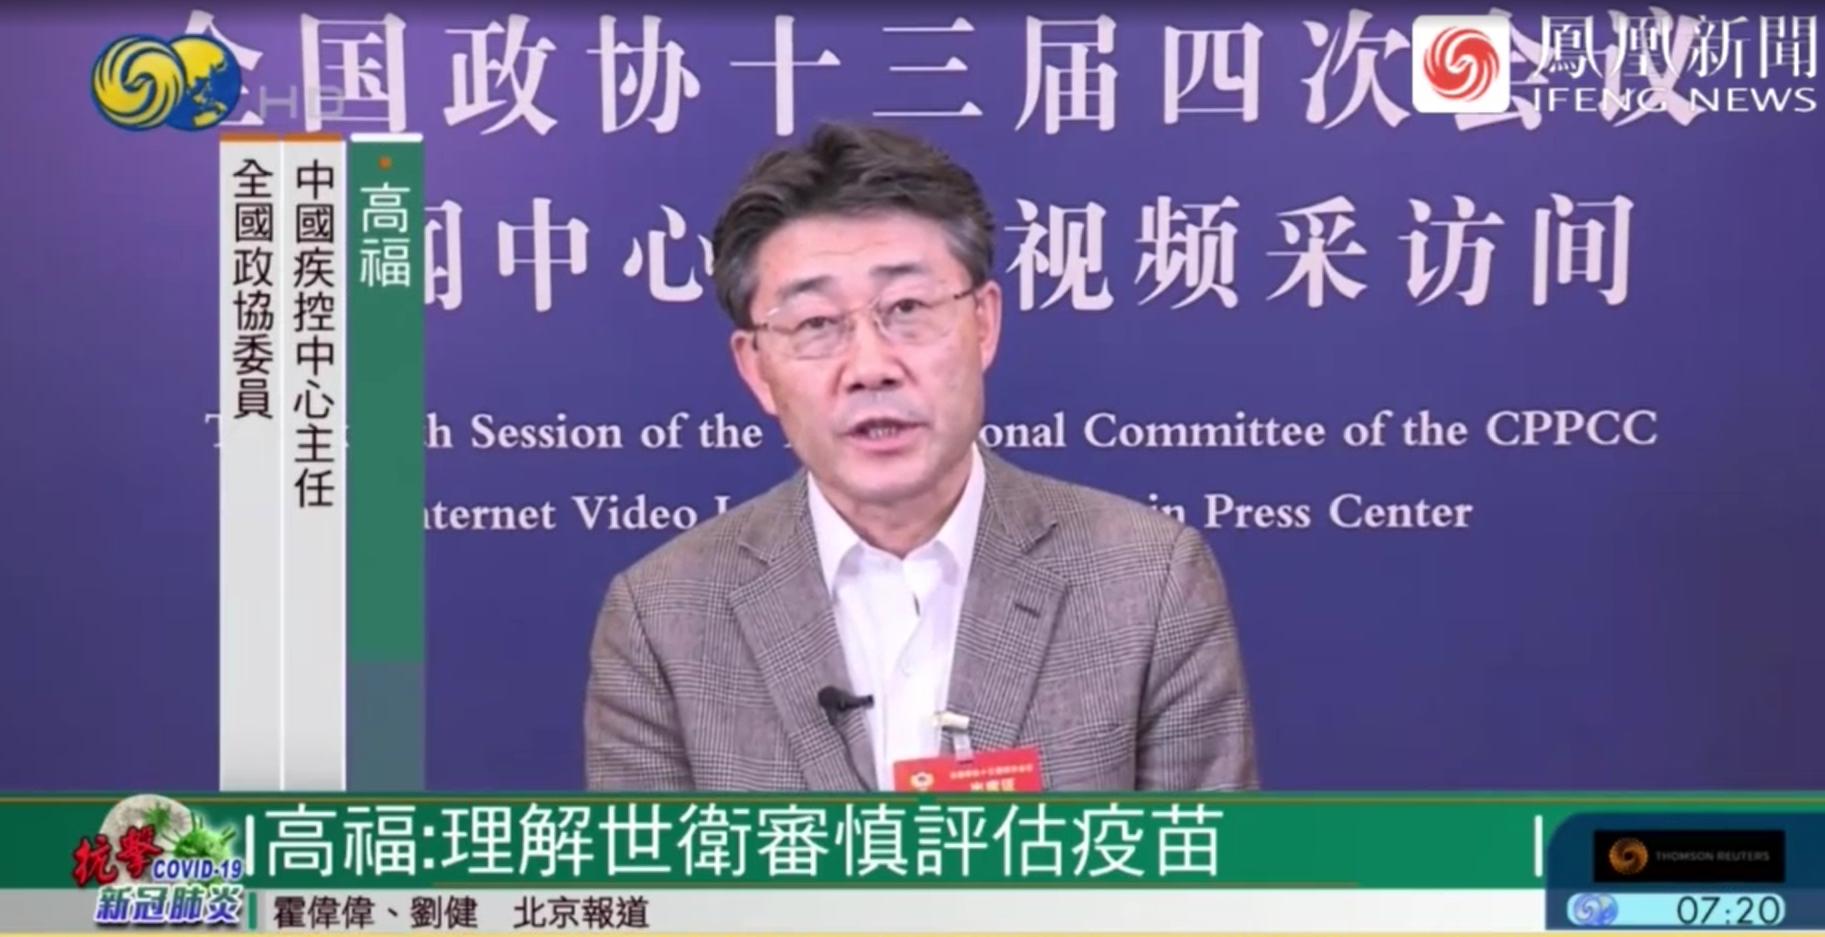 世卫组织仍在评估中国疫苗 高福:相信会有好结果图片